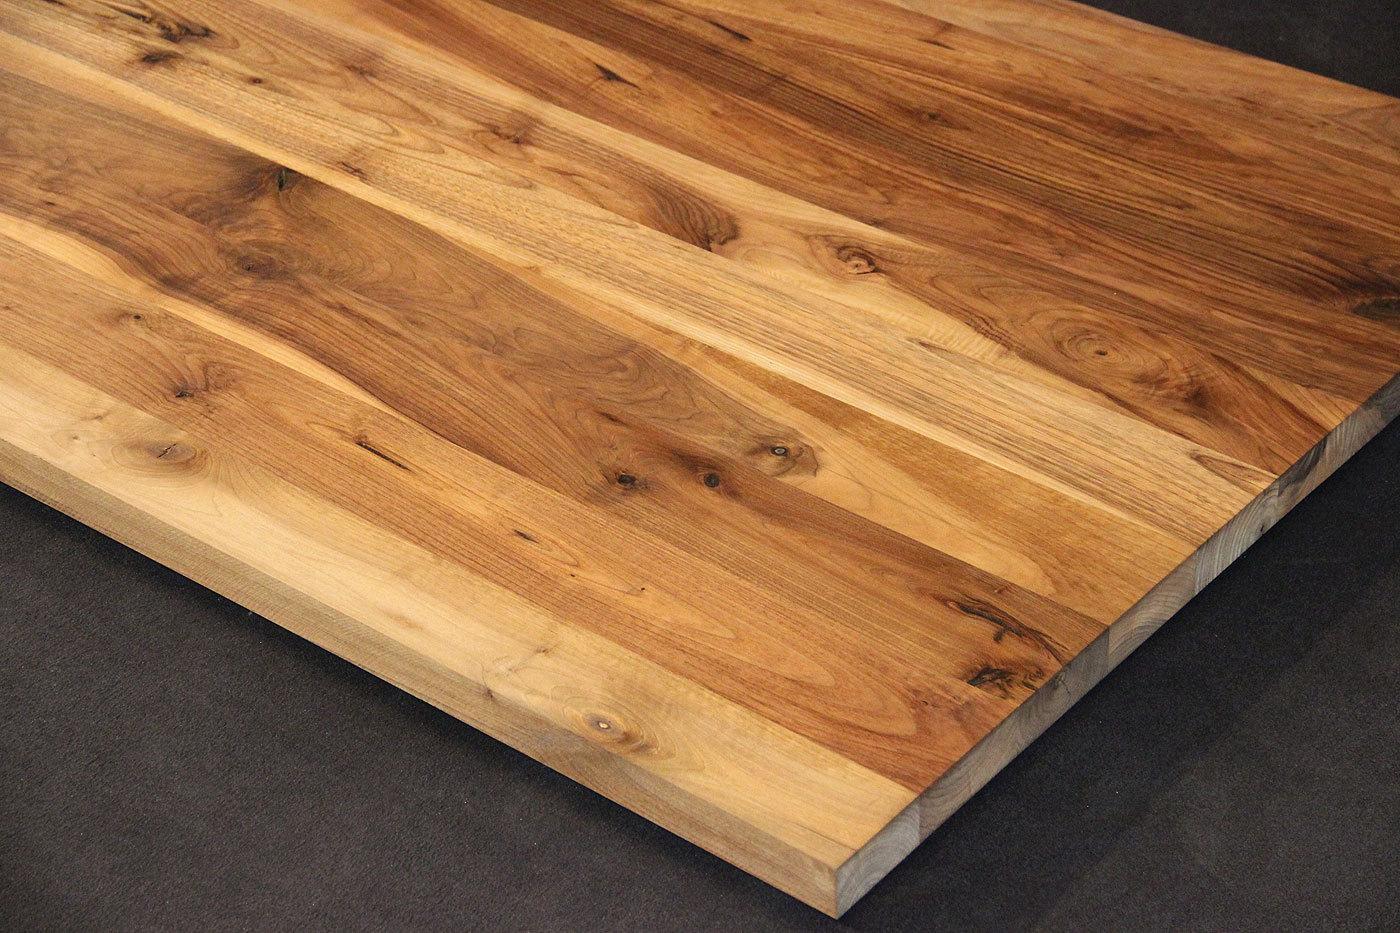 Tischplatte Massivholz Kaukasischer Nussbaum Rustikal Mit Splint Dl